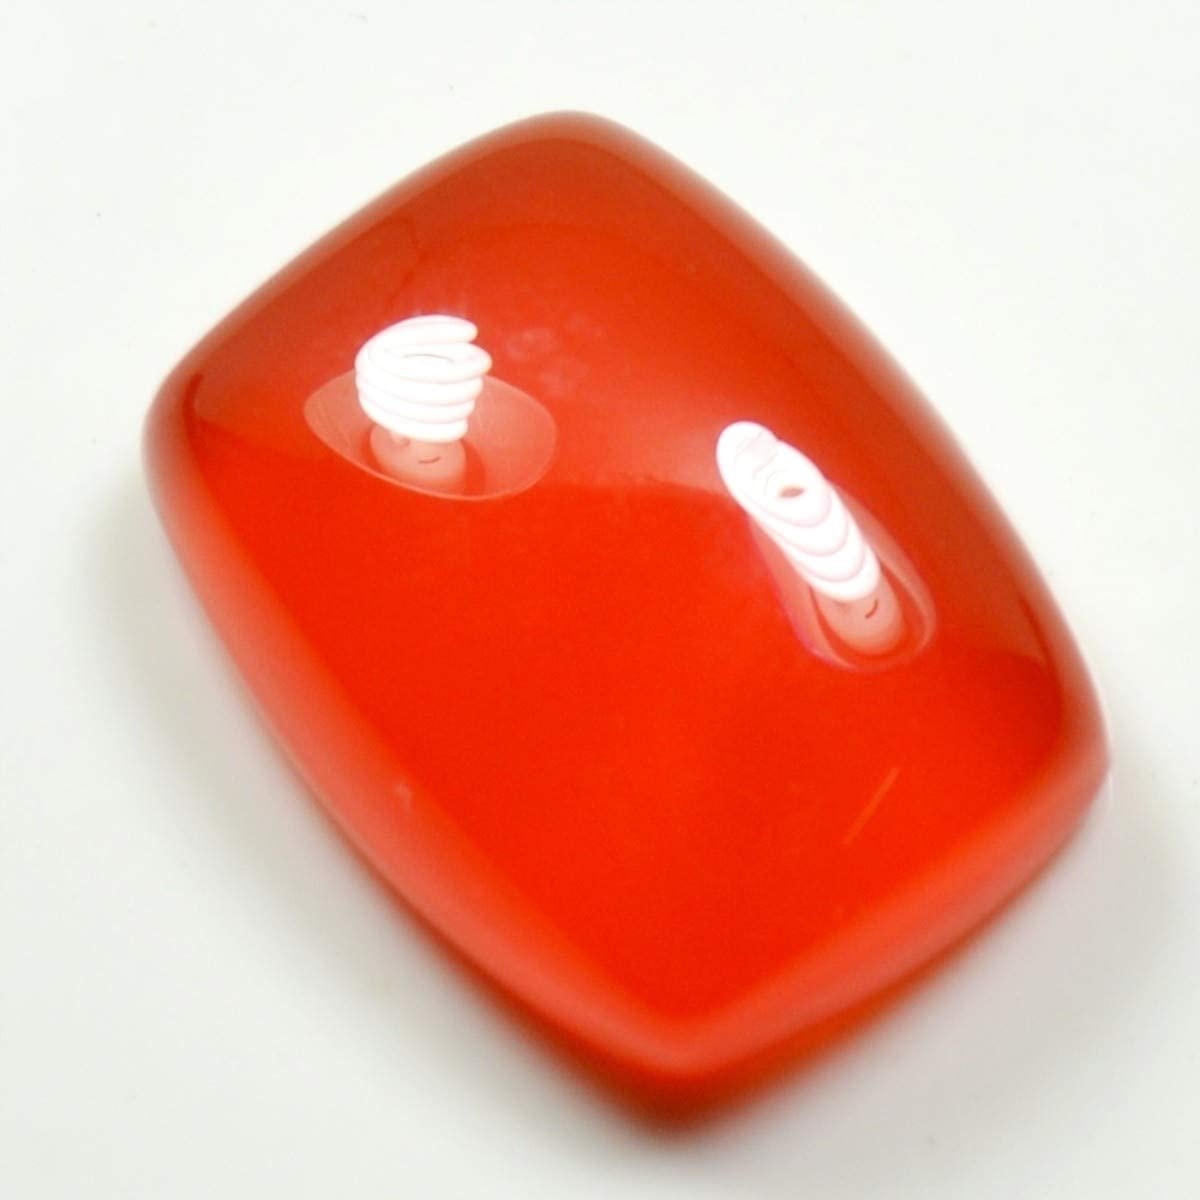 CaratYogi 14X12 MM Naturel Hessonite Calibr/é Pierre Cabochon Rouge L/âche Gemstone pour La Fabrication de Bijoux